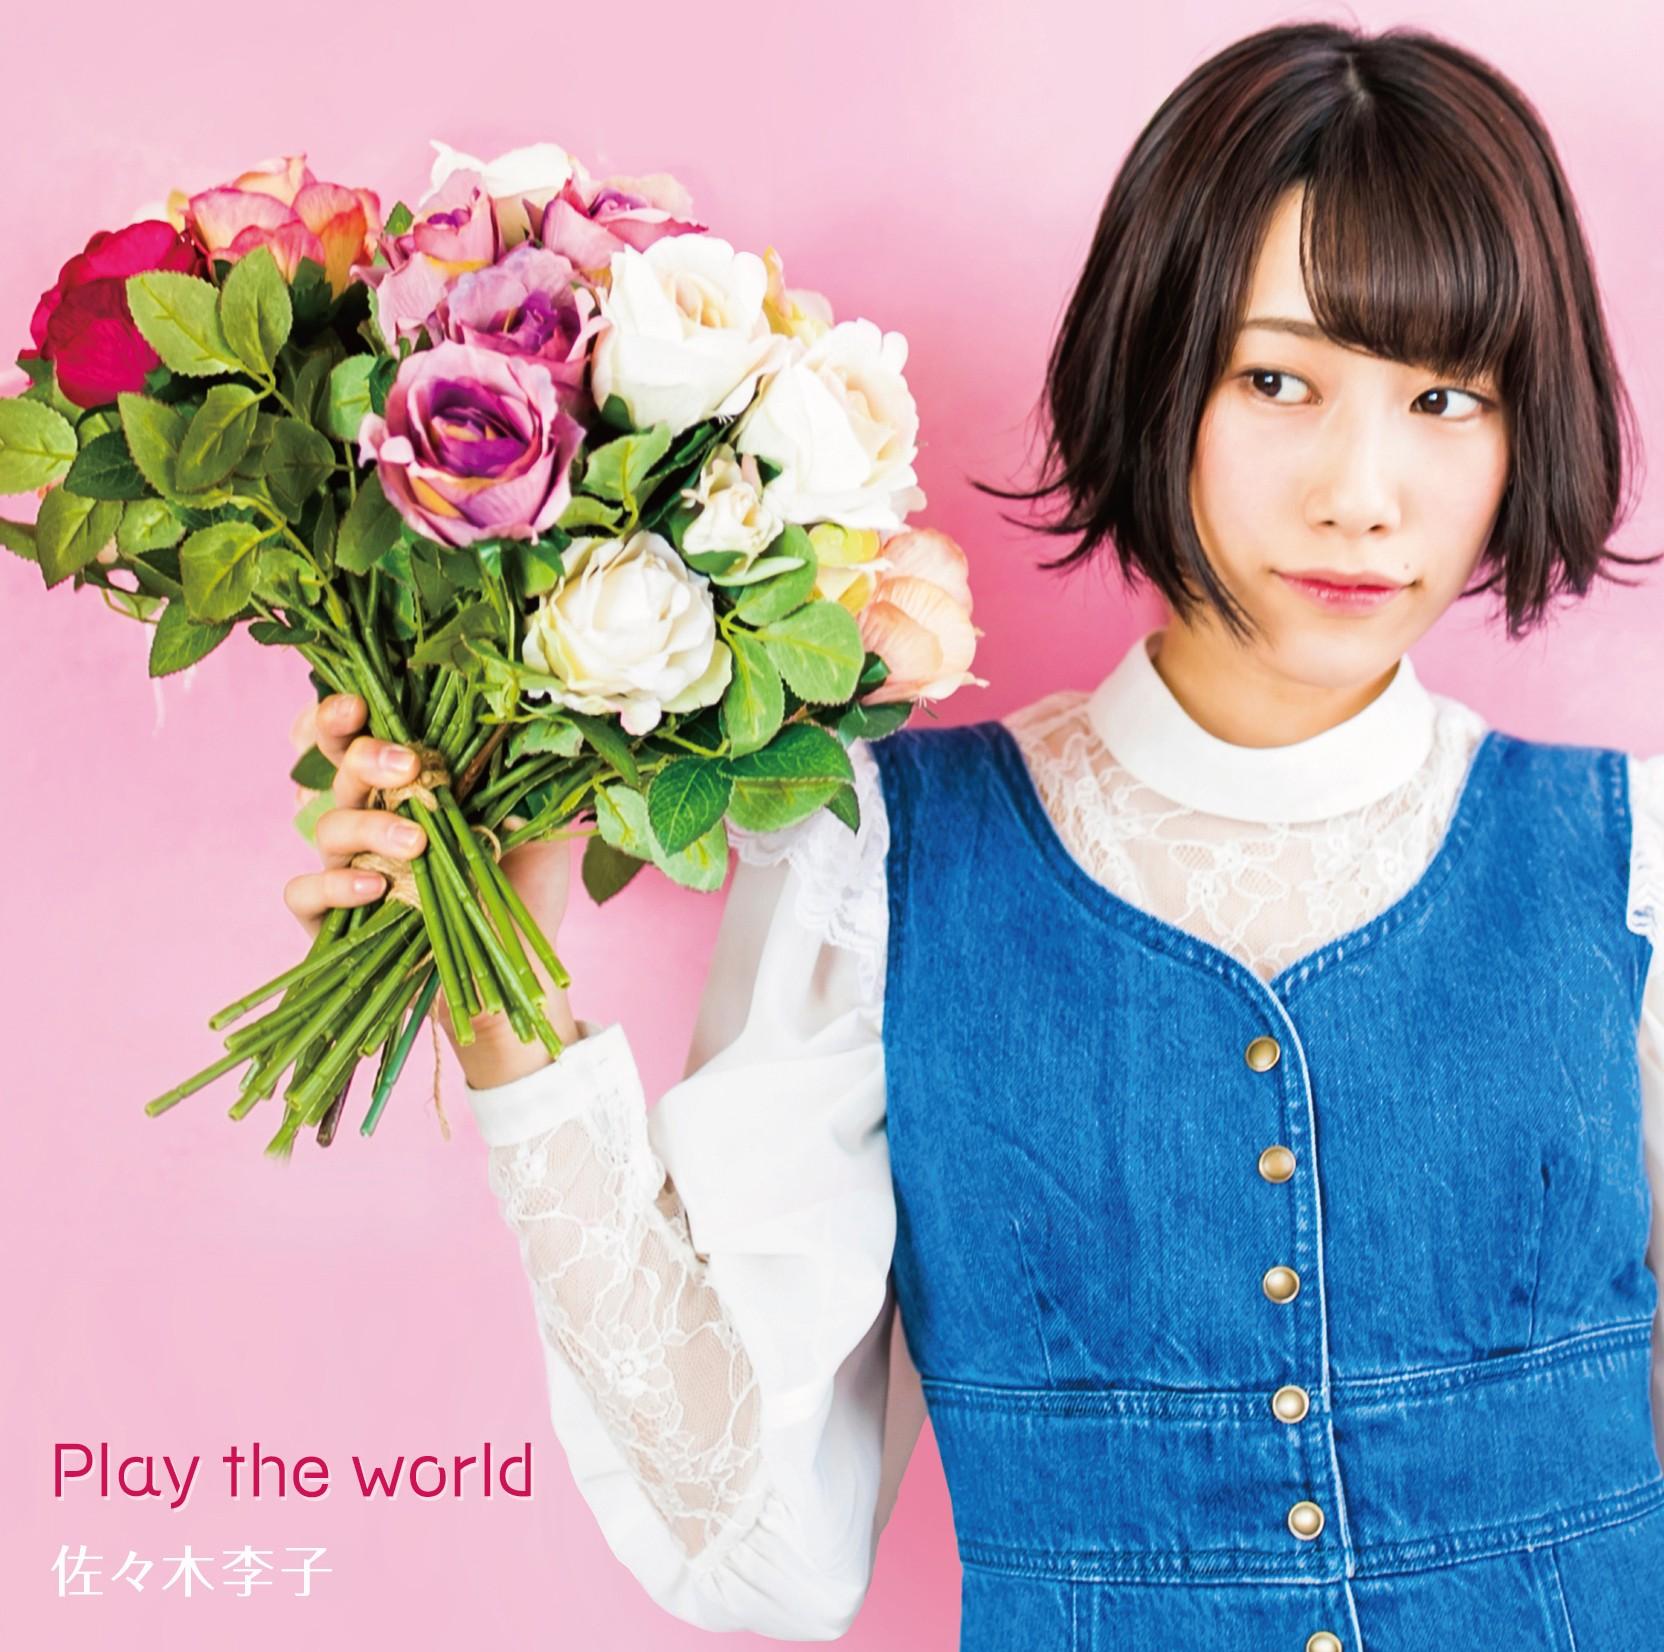 佐々木李子 (Rico Sasaki) – Play the world [24bit Lossless + MP3 320 / WEB] [2020.02.26]